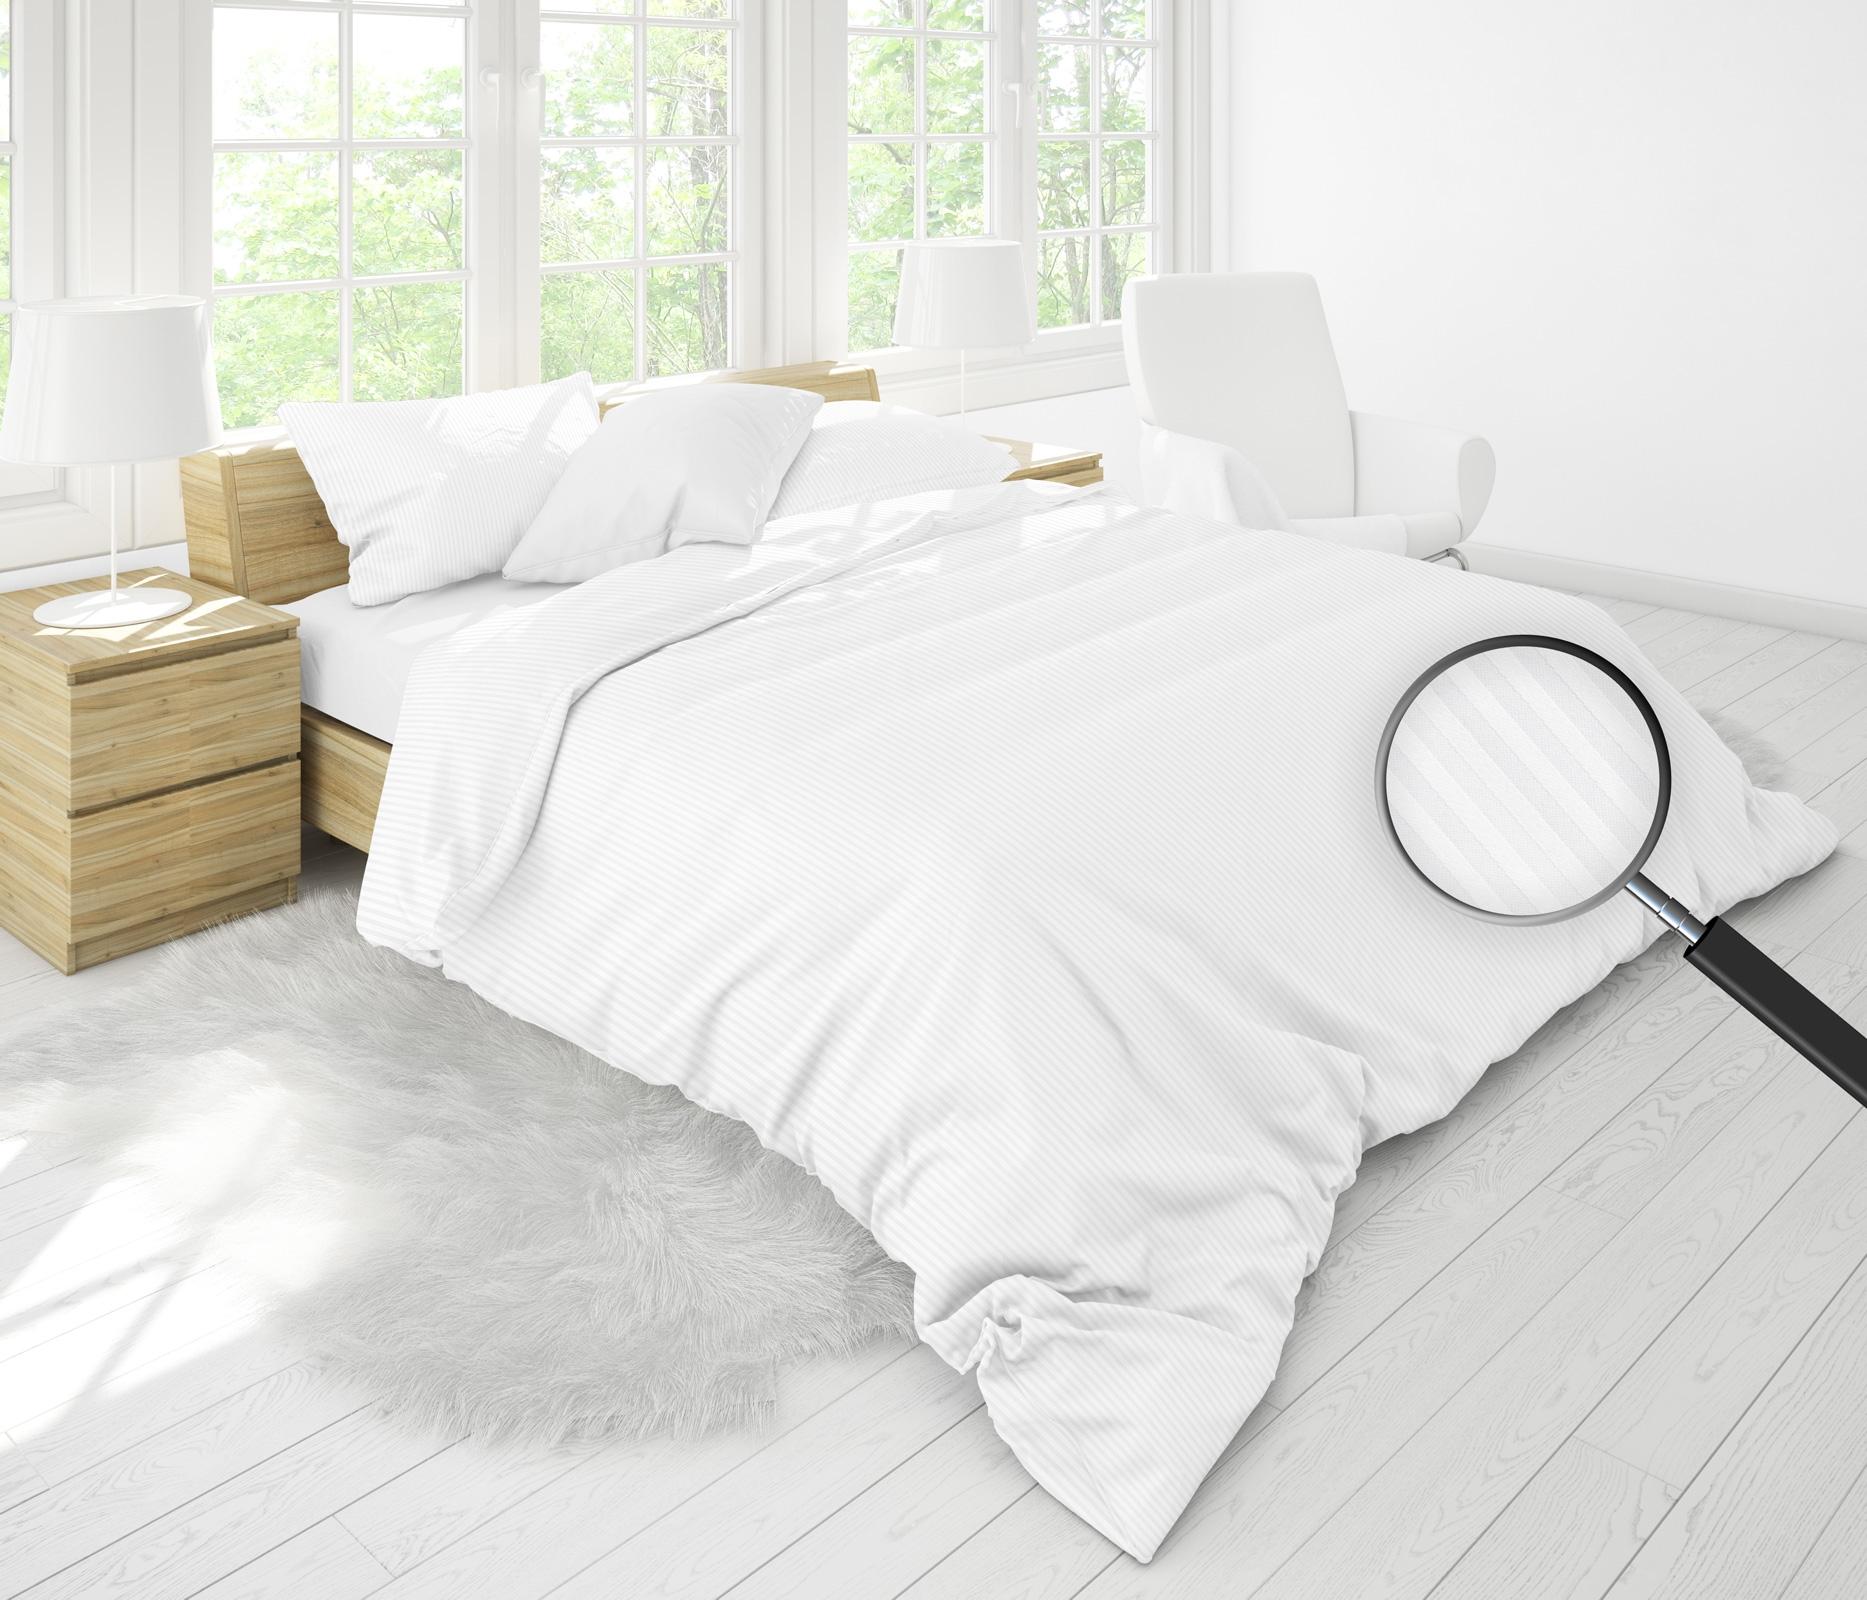 Bettwäsche - MOON Luxury Damast Bettwäsche 3mm Streifen weiß 155x220 80x80 100 Baumwolle YKK Reißverschluss  - Onlineshop PremiumShop321